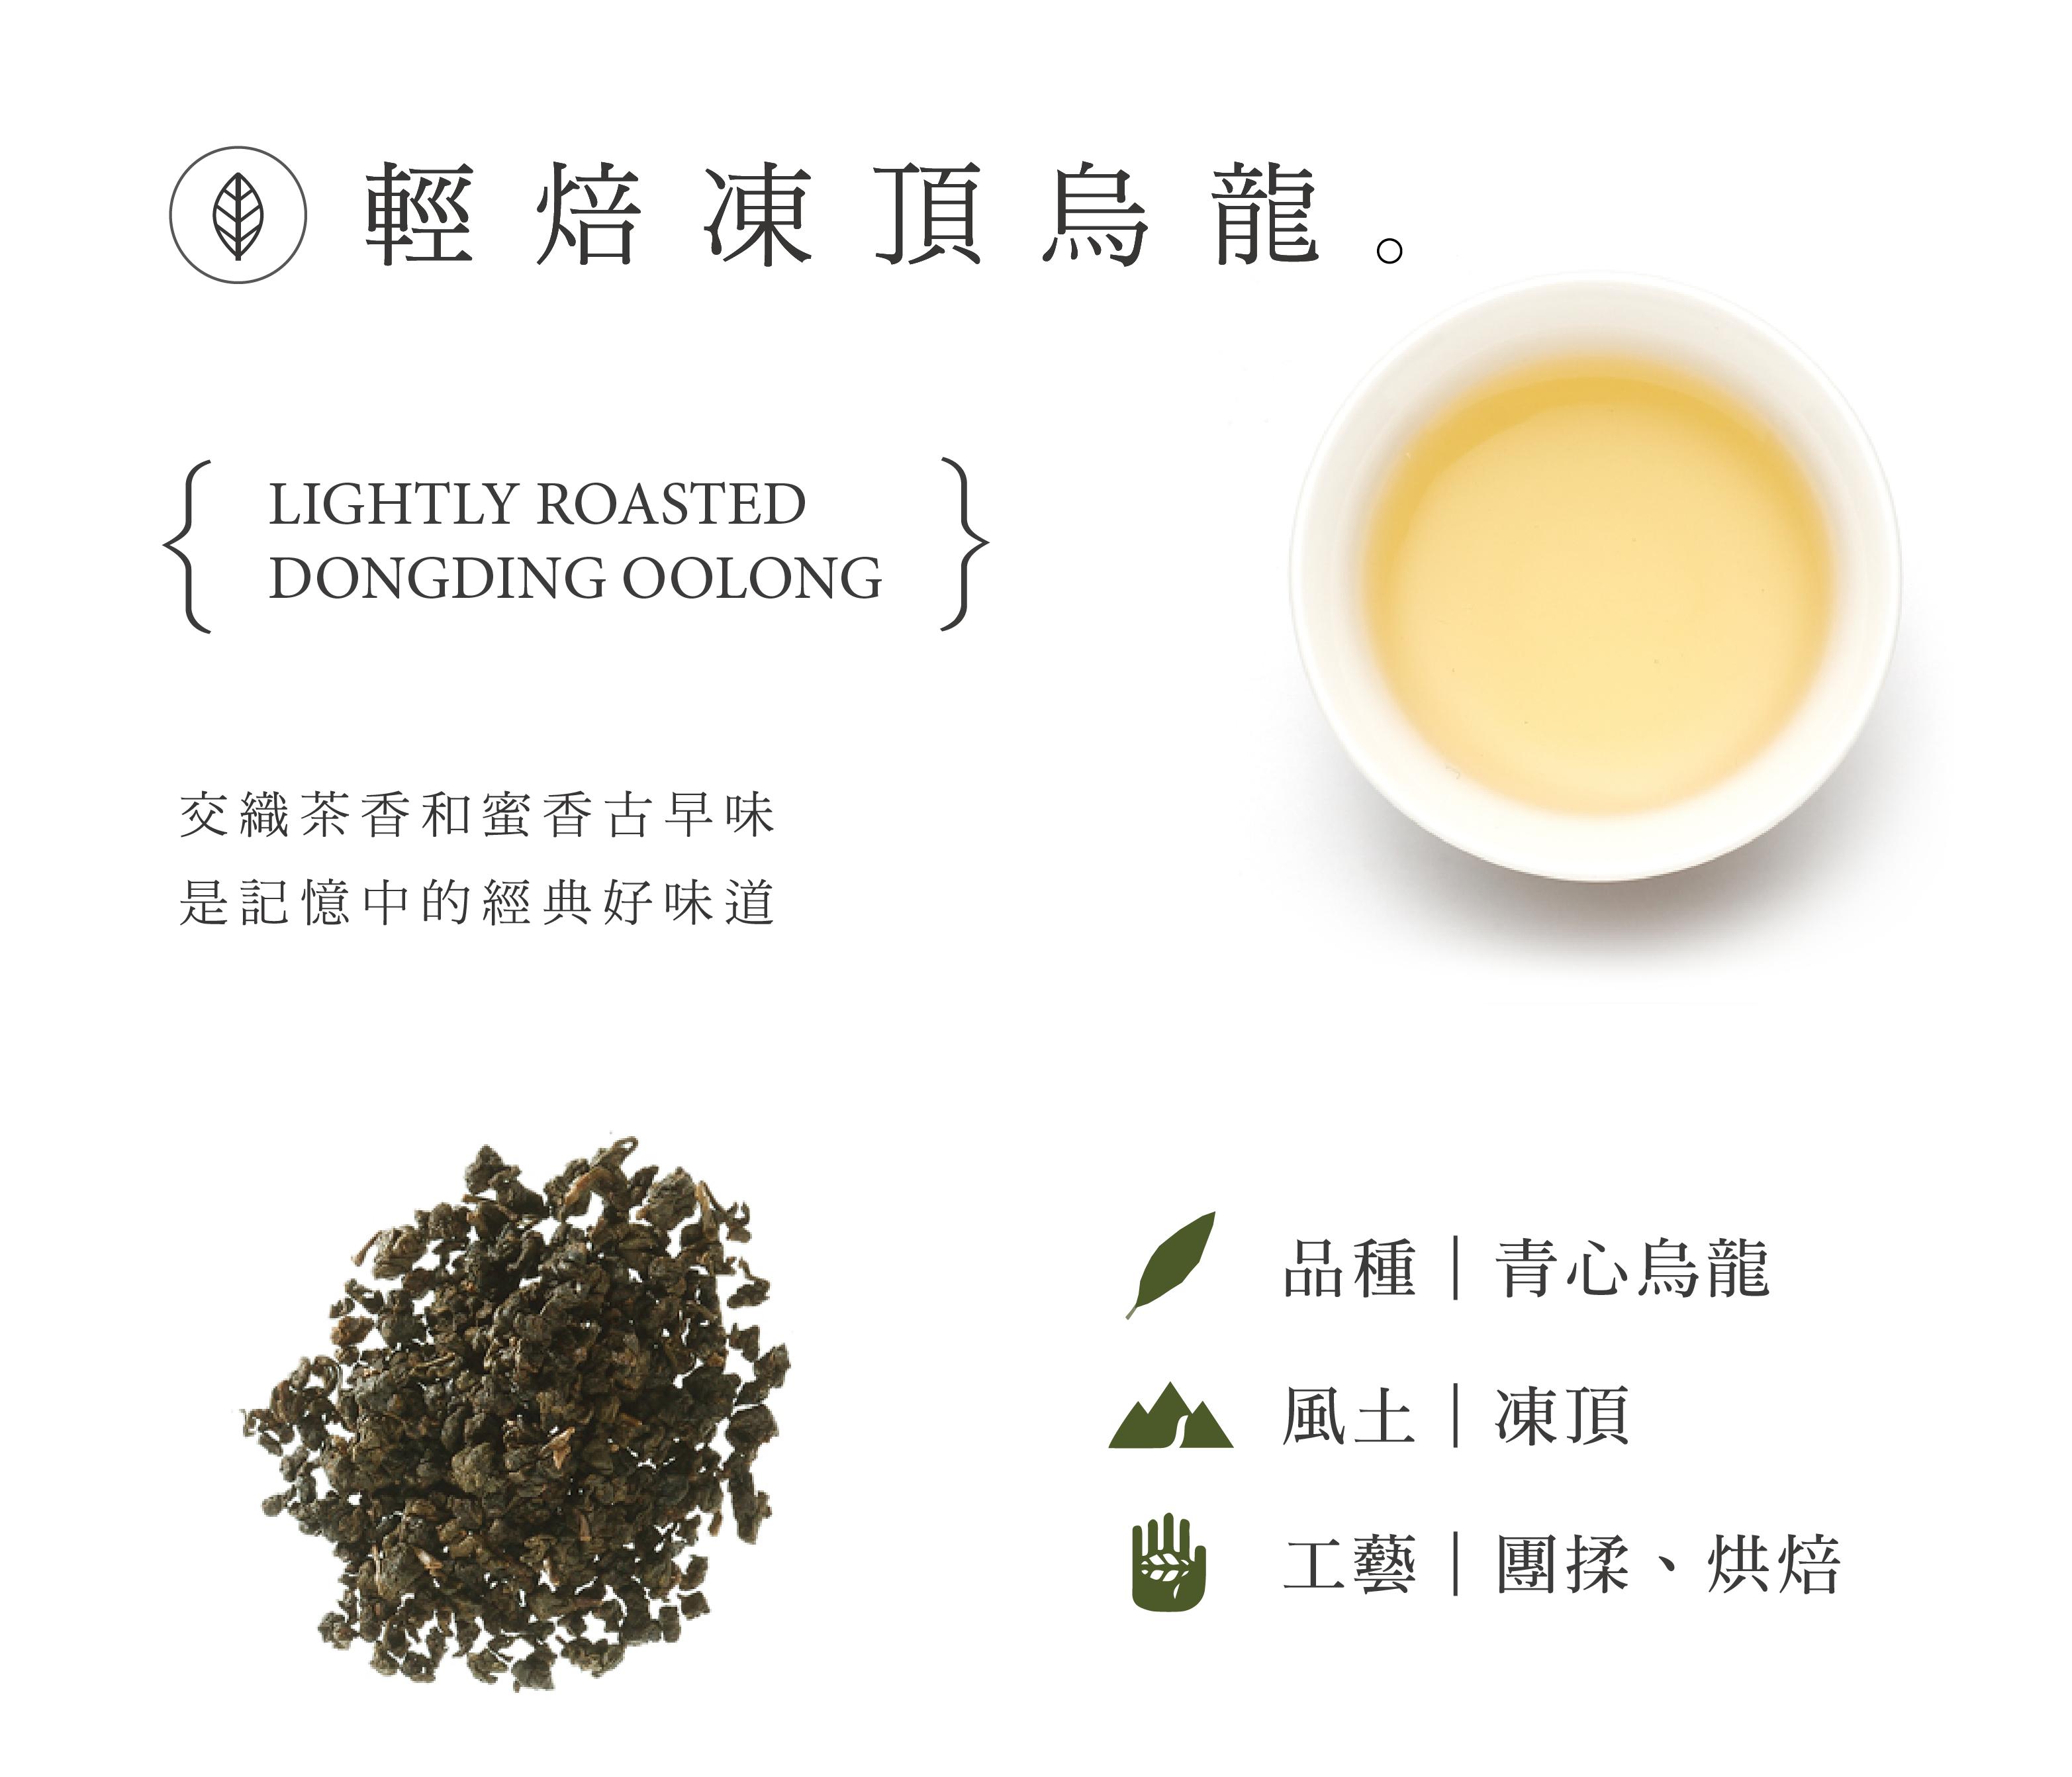 輕焙凍頂烏龍 交織茶香和蜜香古早味,是記憶中的經典好味道。